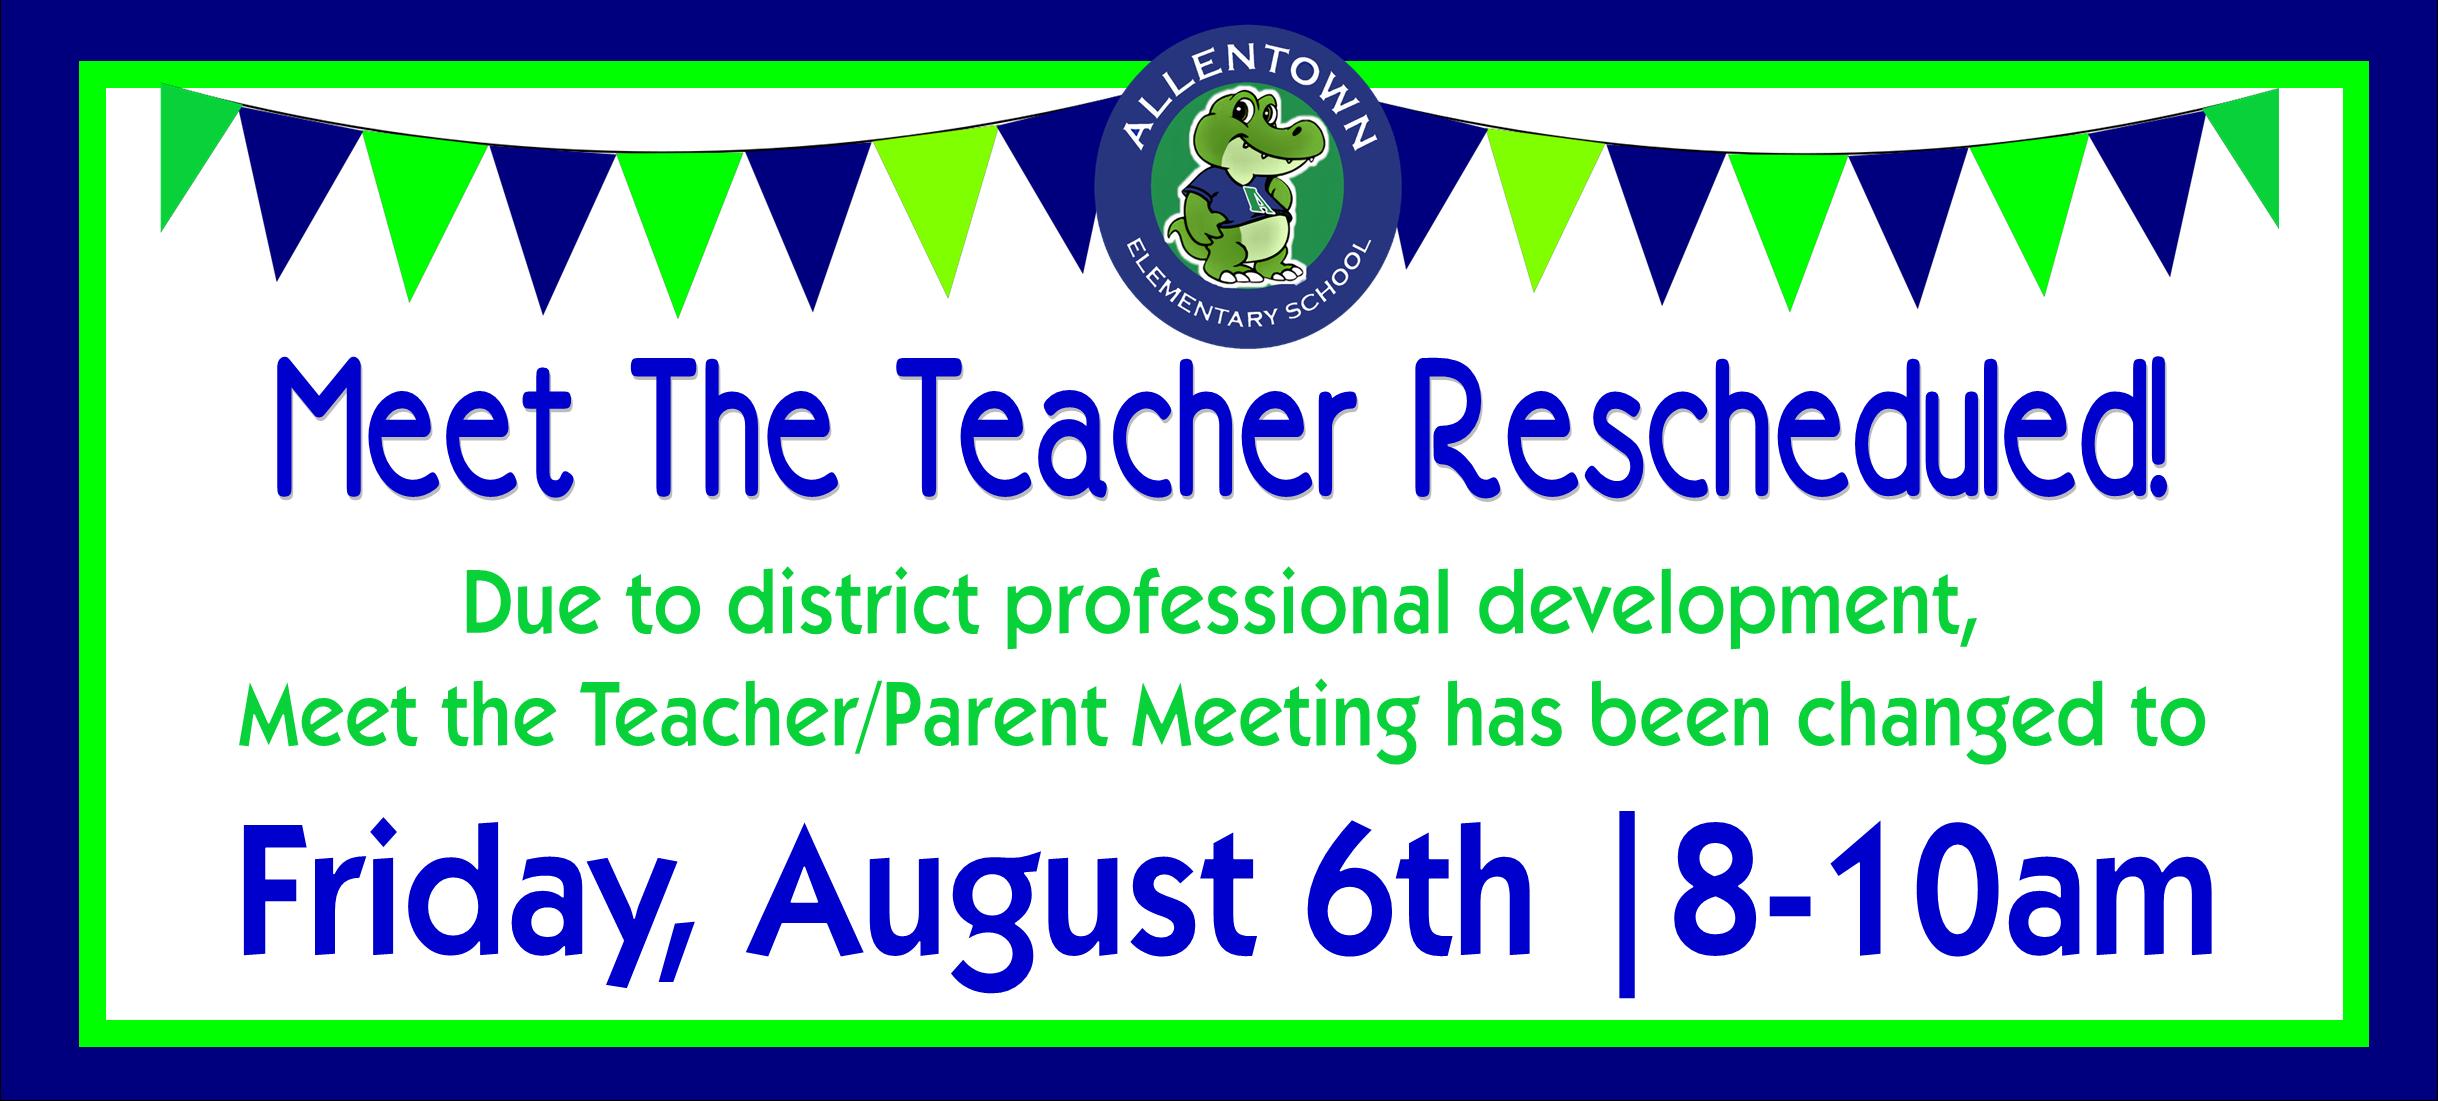 meet the teacher new date